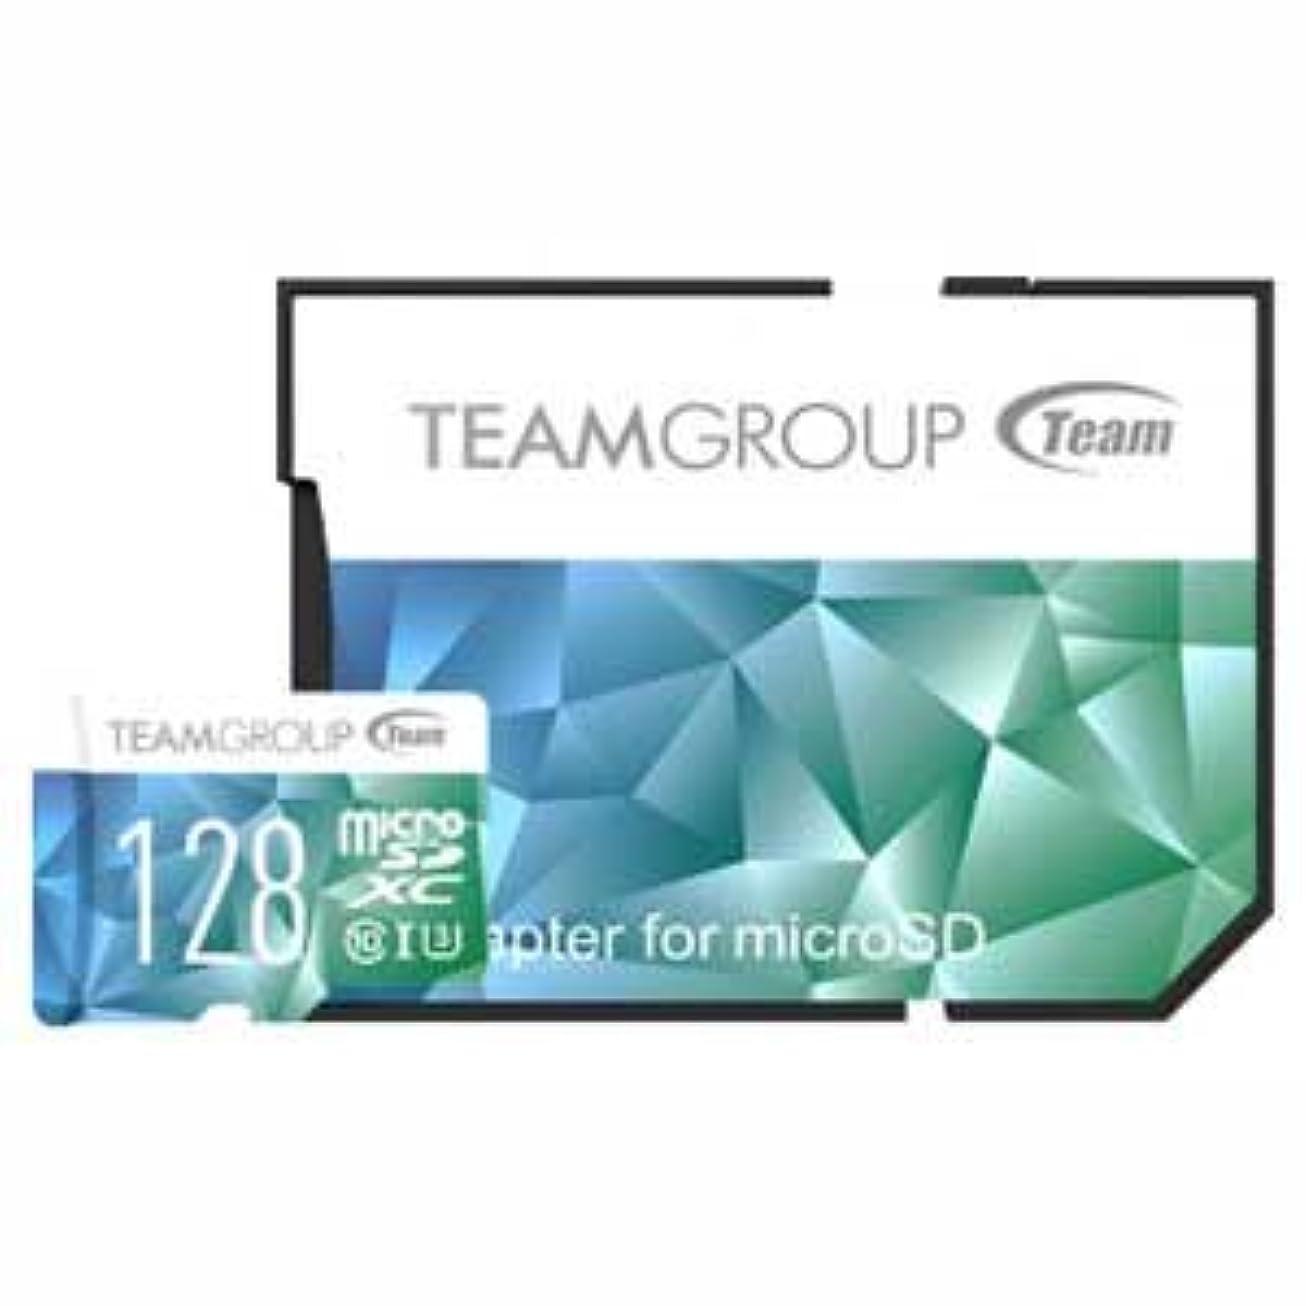 荷物味わう遊び場Team microSDXCメモリーカード 128GB Class10 UHS-IColor Card II TFCOXC128GU3